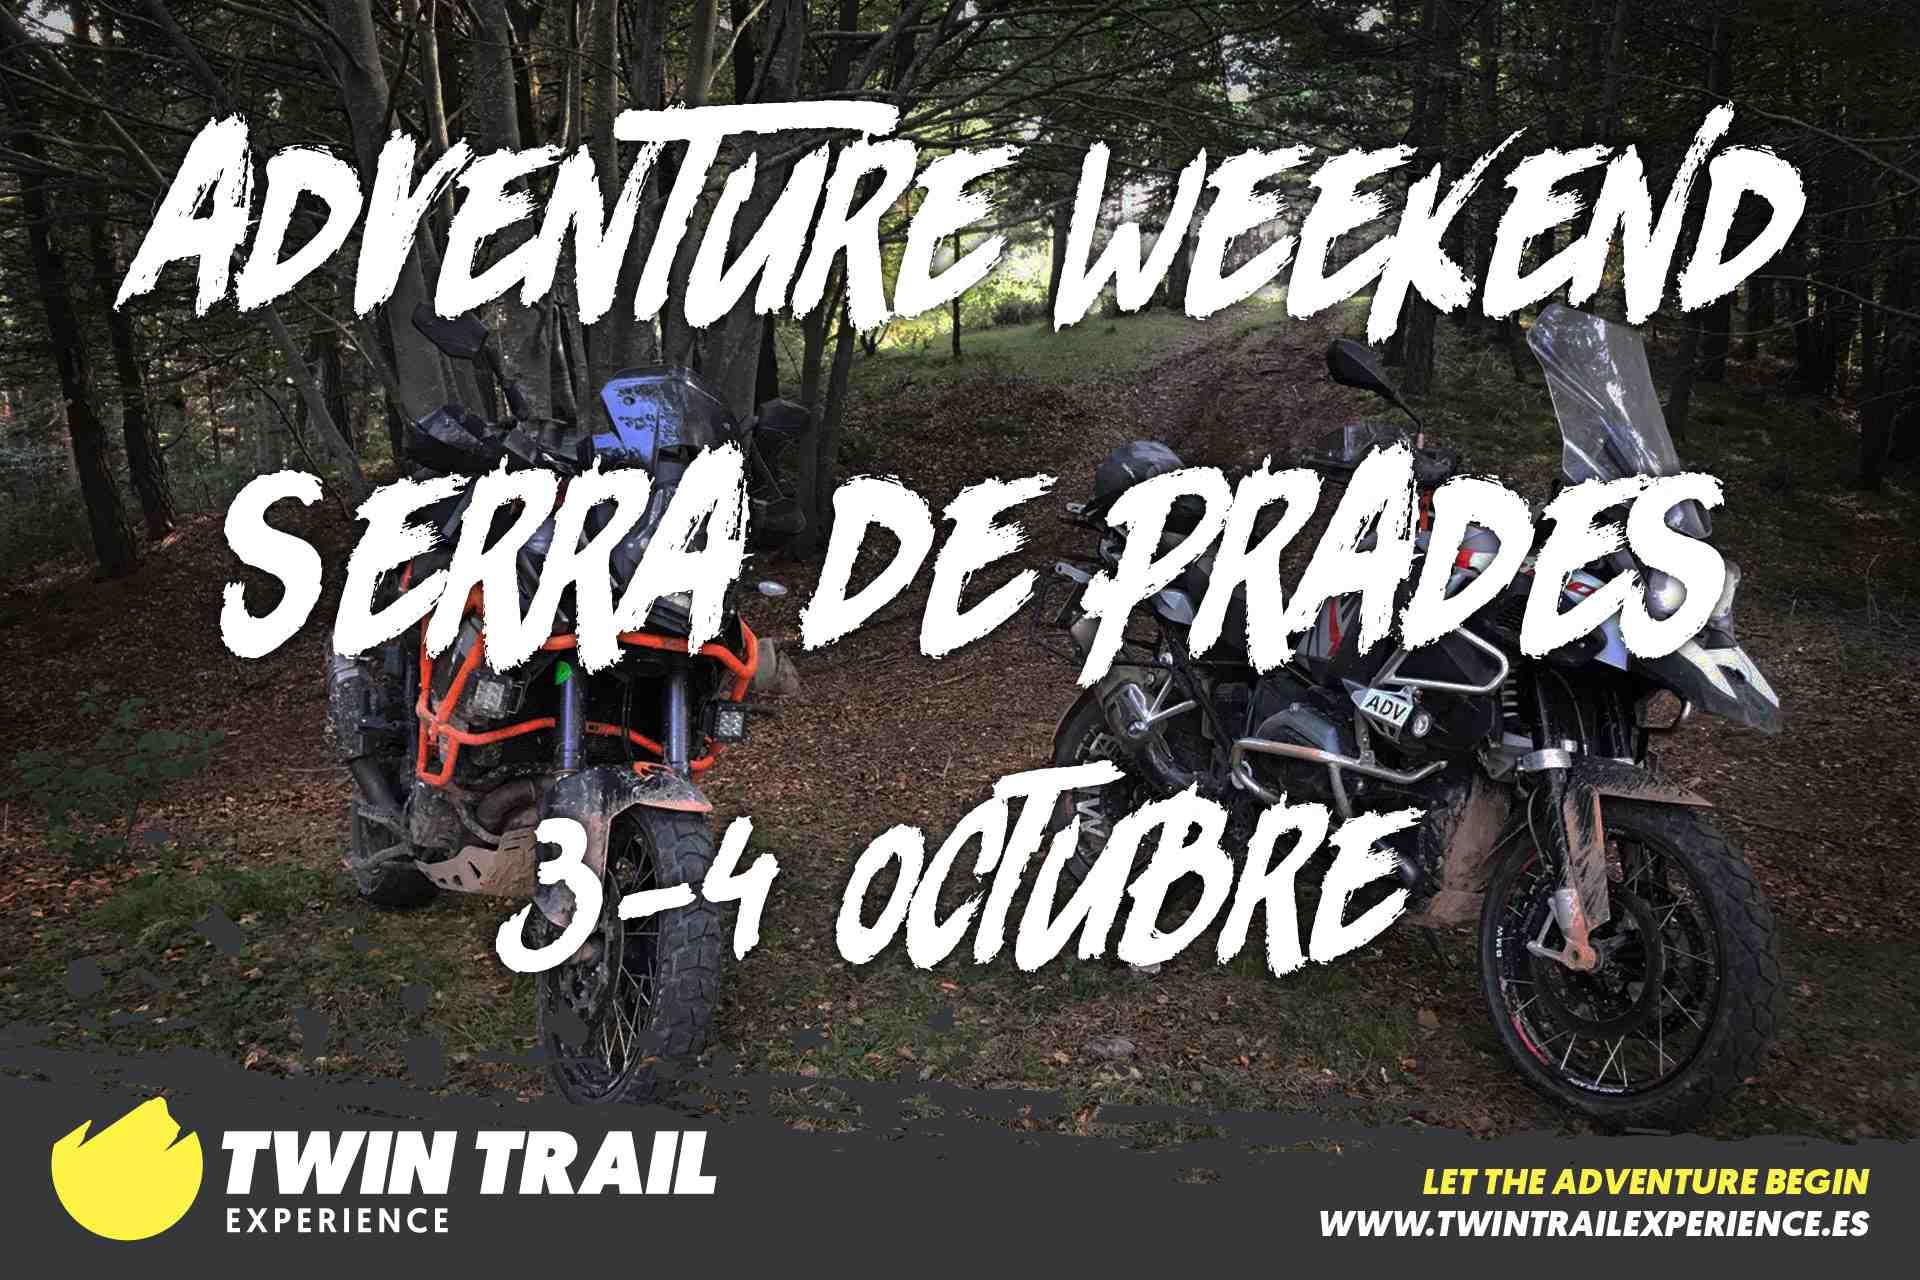 TwinTrail Adventure Weekend: Serra de Prades